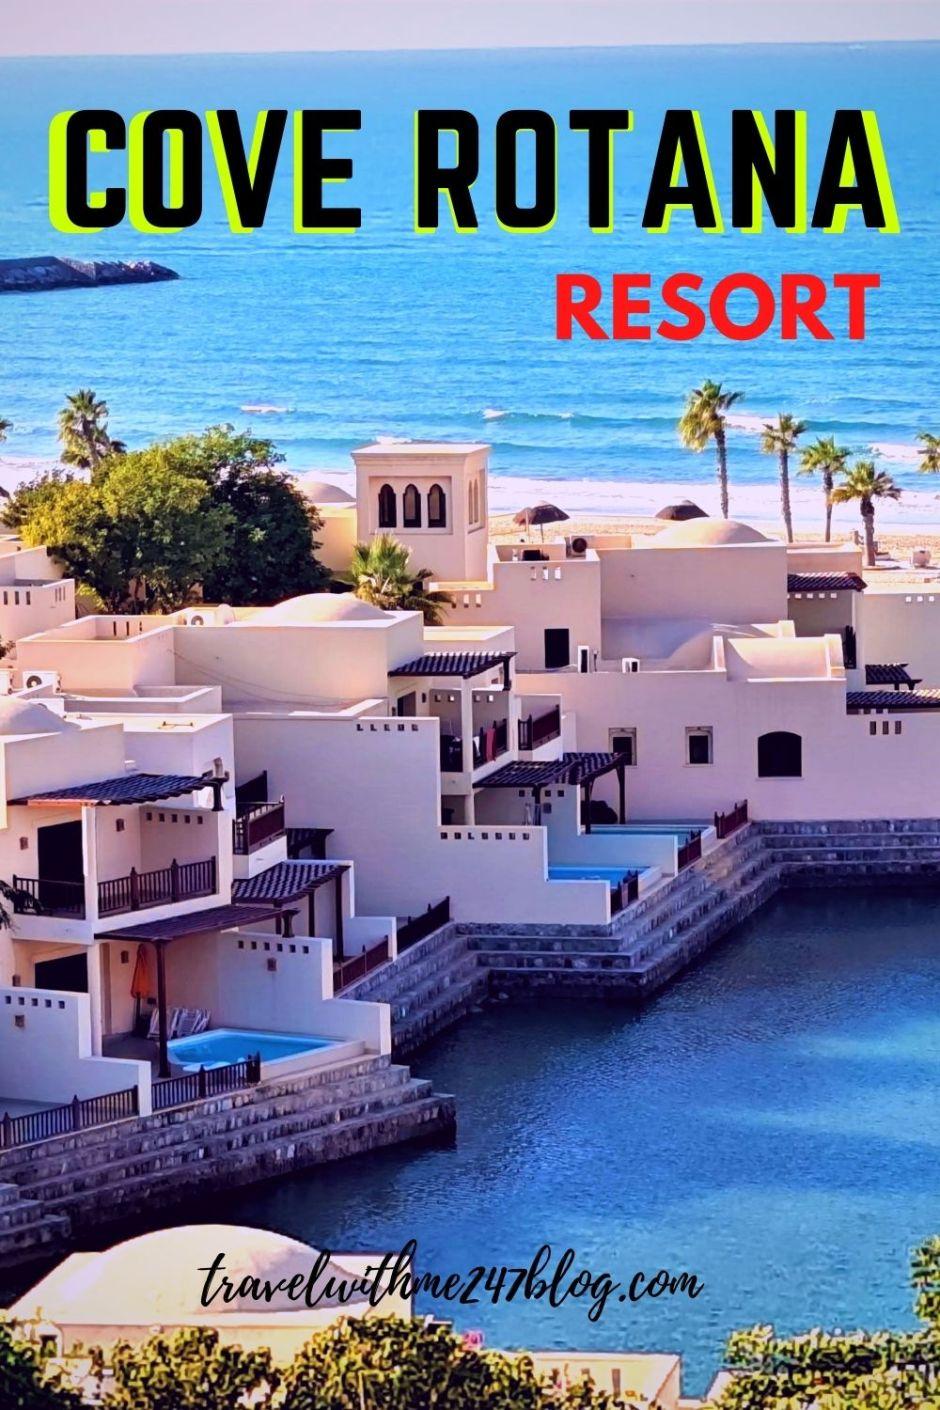 Cove Rotana Resort, Ras Al Khaimah, UAE